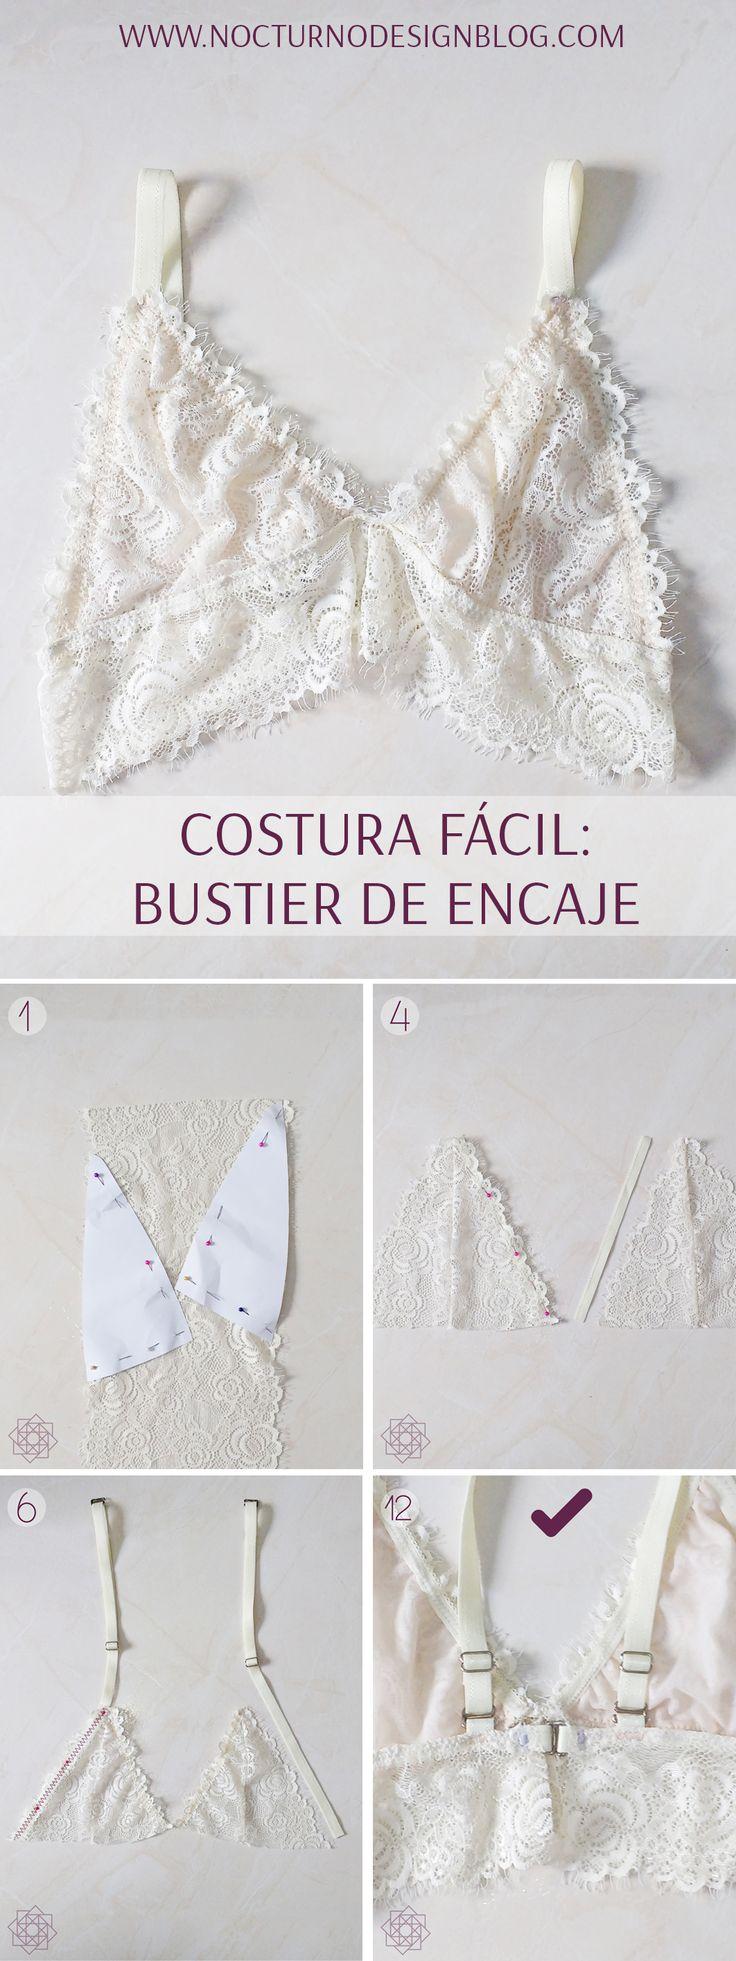 Costura fácil: Bustier en encaje.